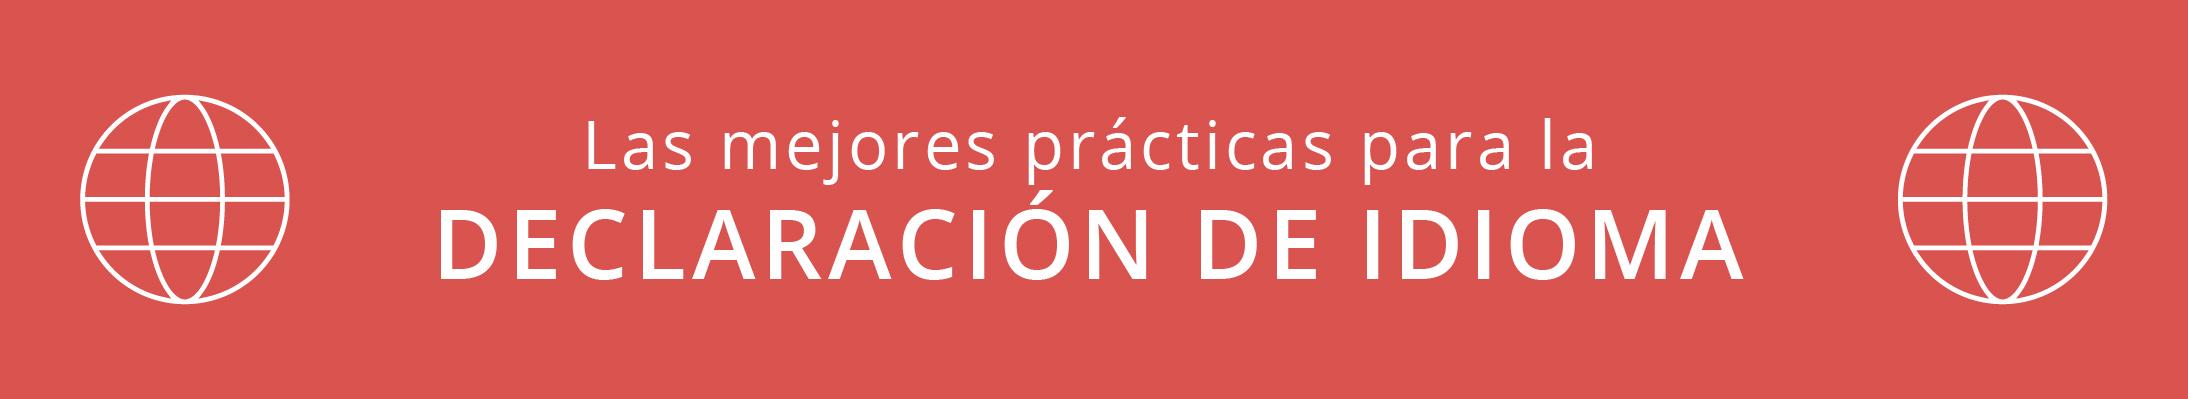 Las mejores prácticas para la declaración de idioma